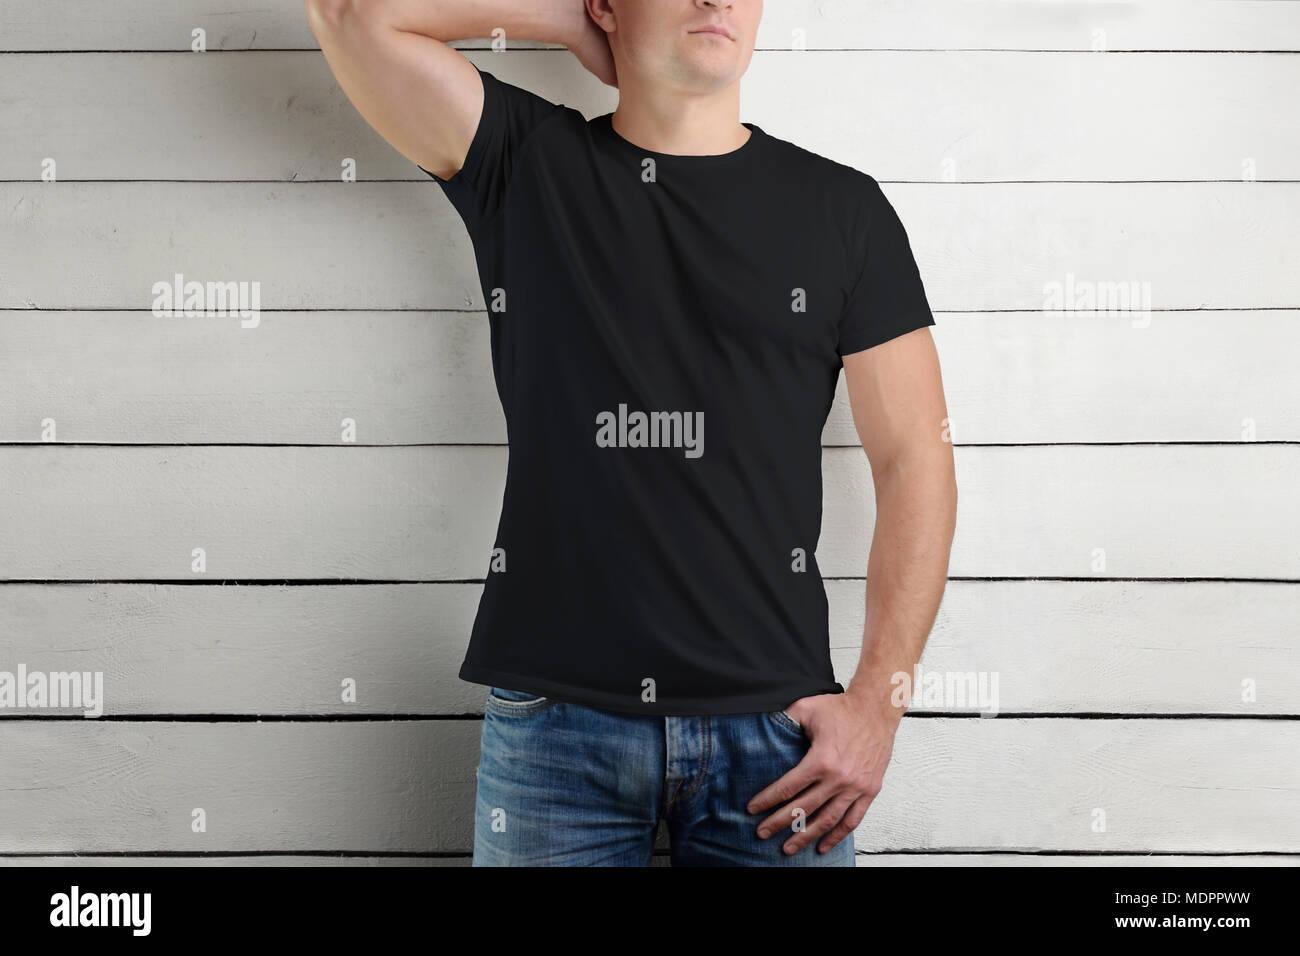 Maquette T Shirt Noir Sur Un Jeune Homme Muscle Soutenant La Tete